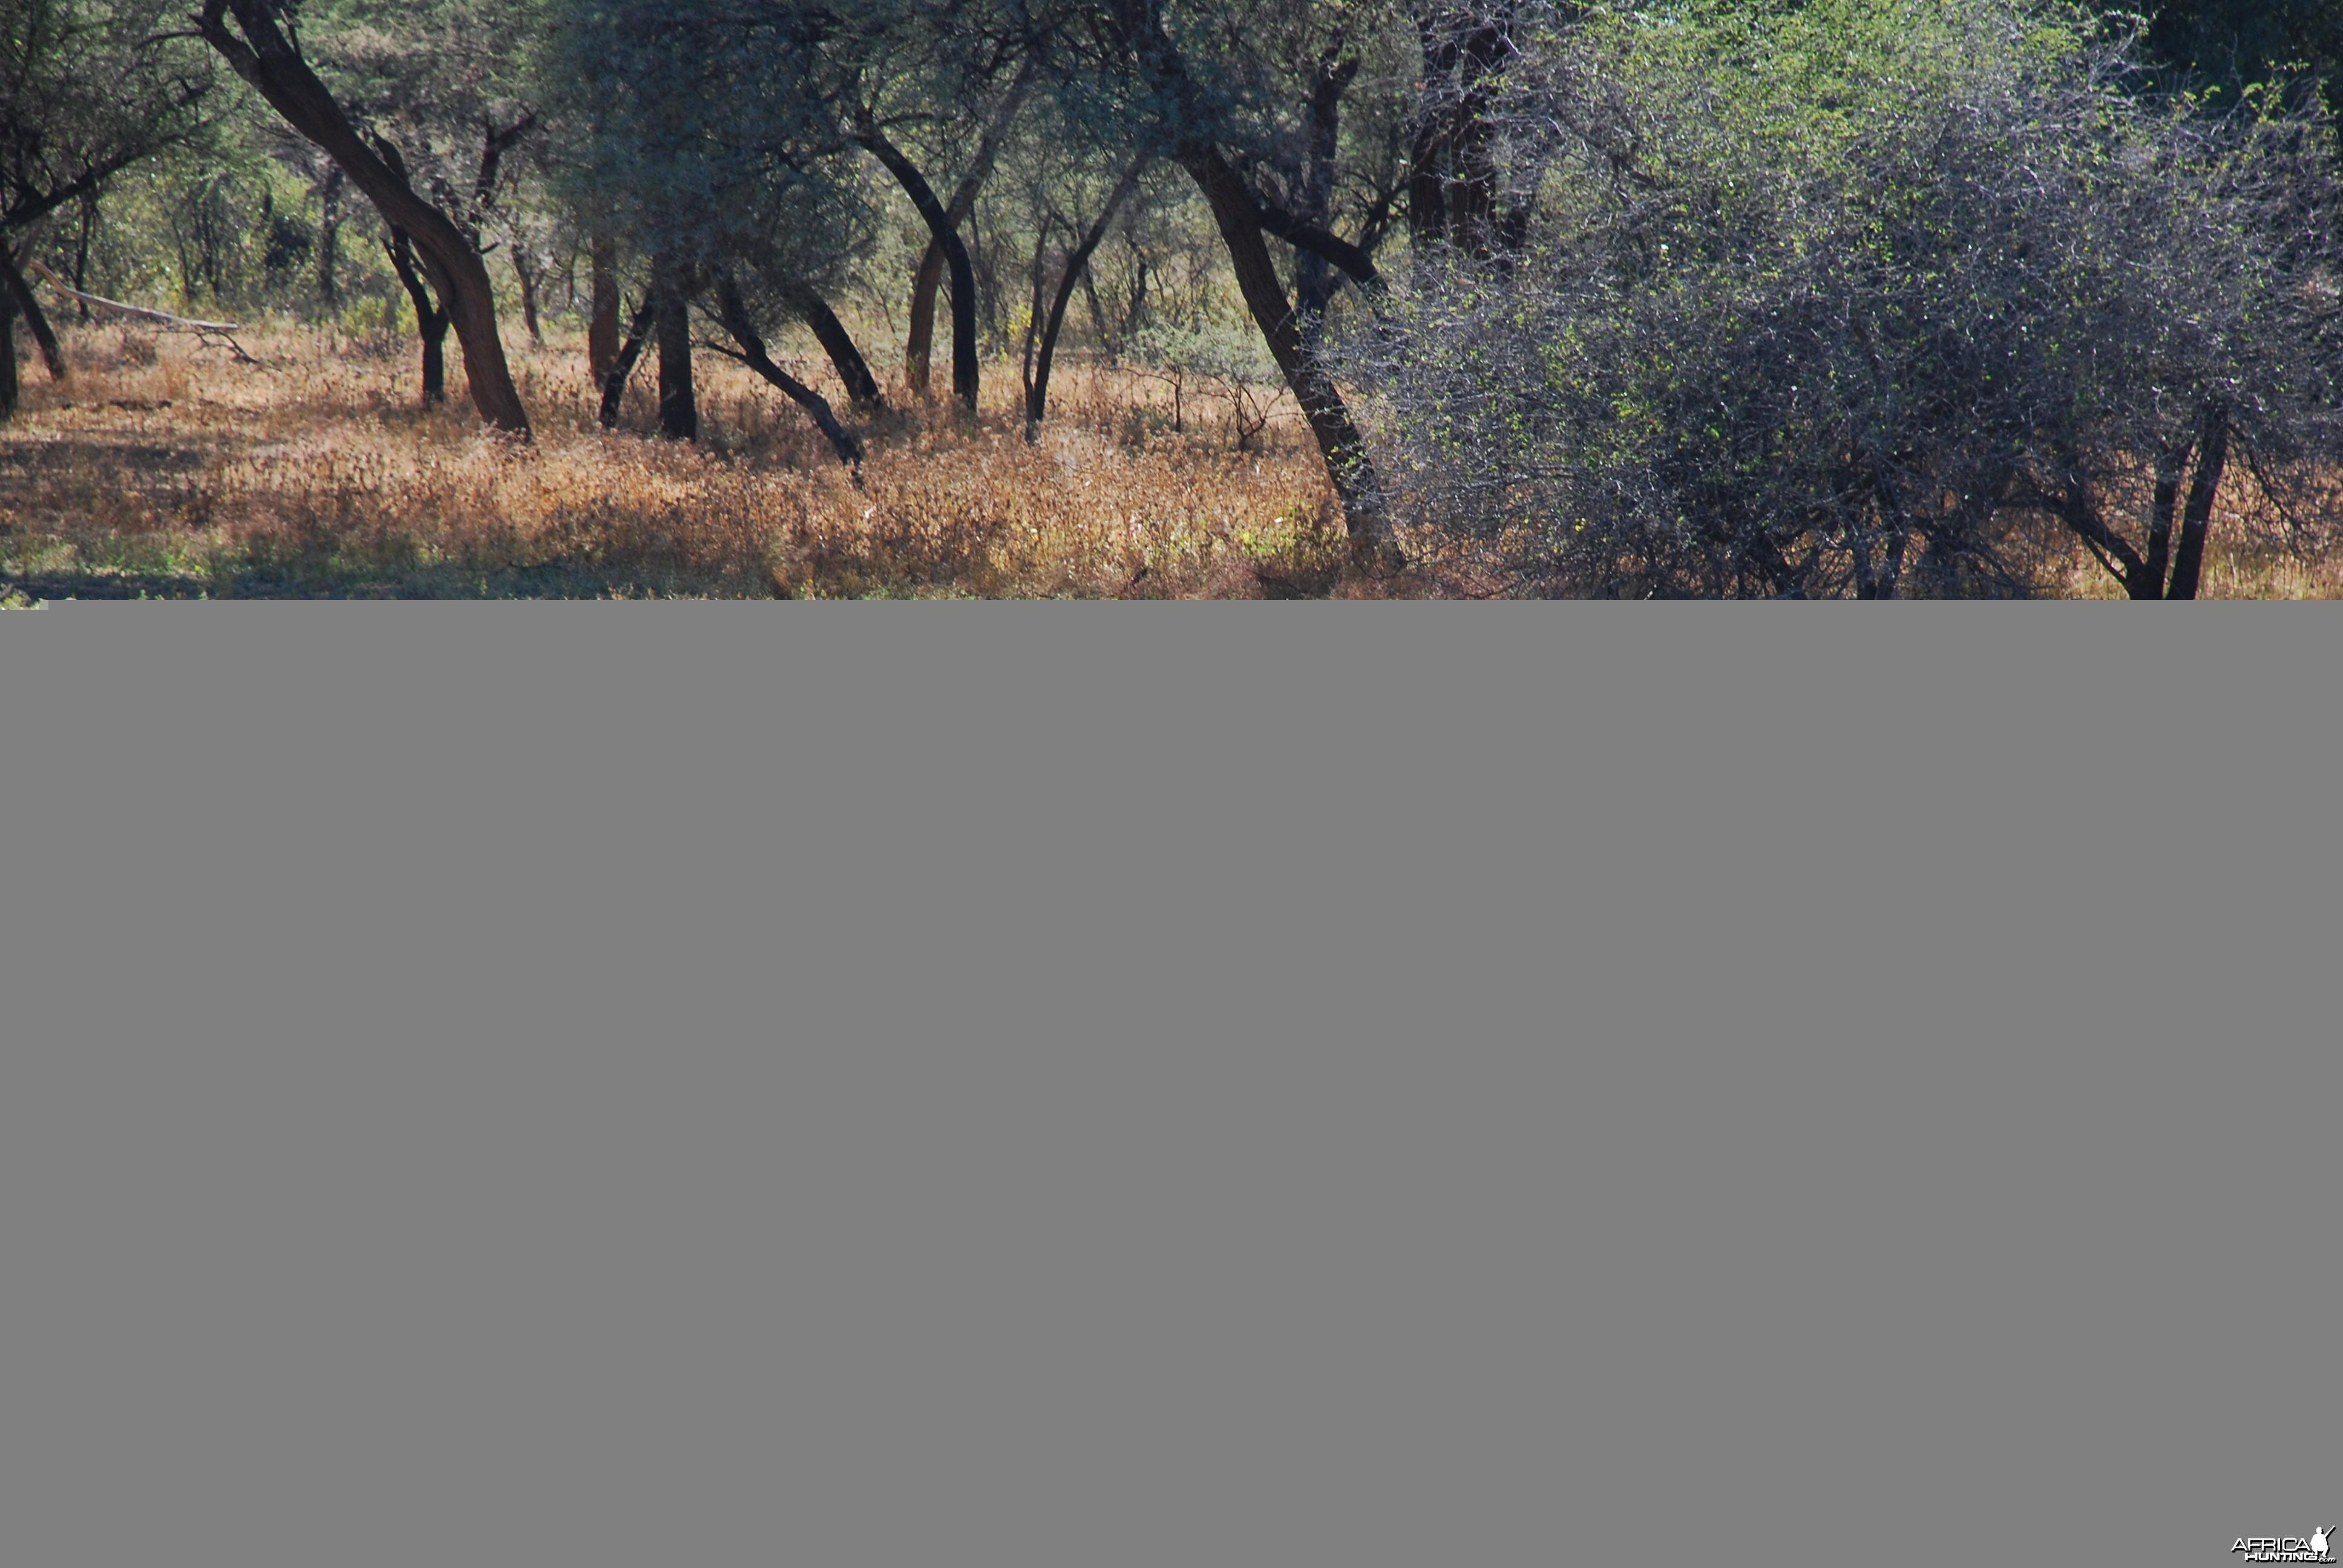 Blue Gnu Namibia